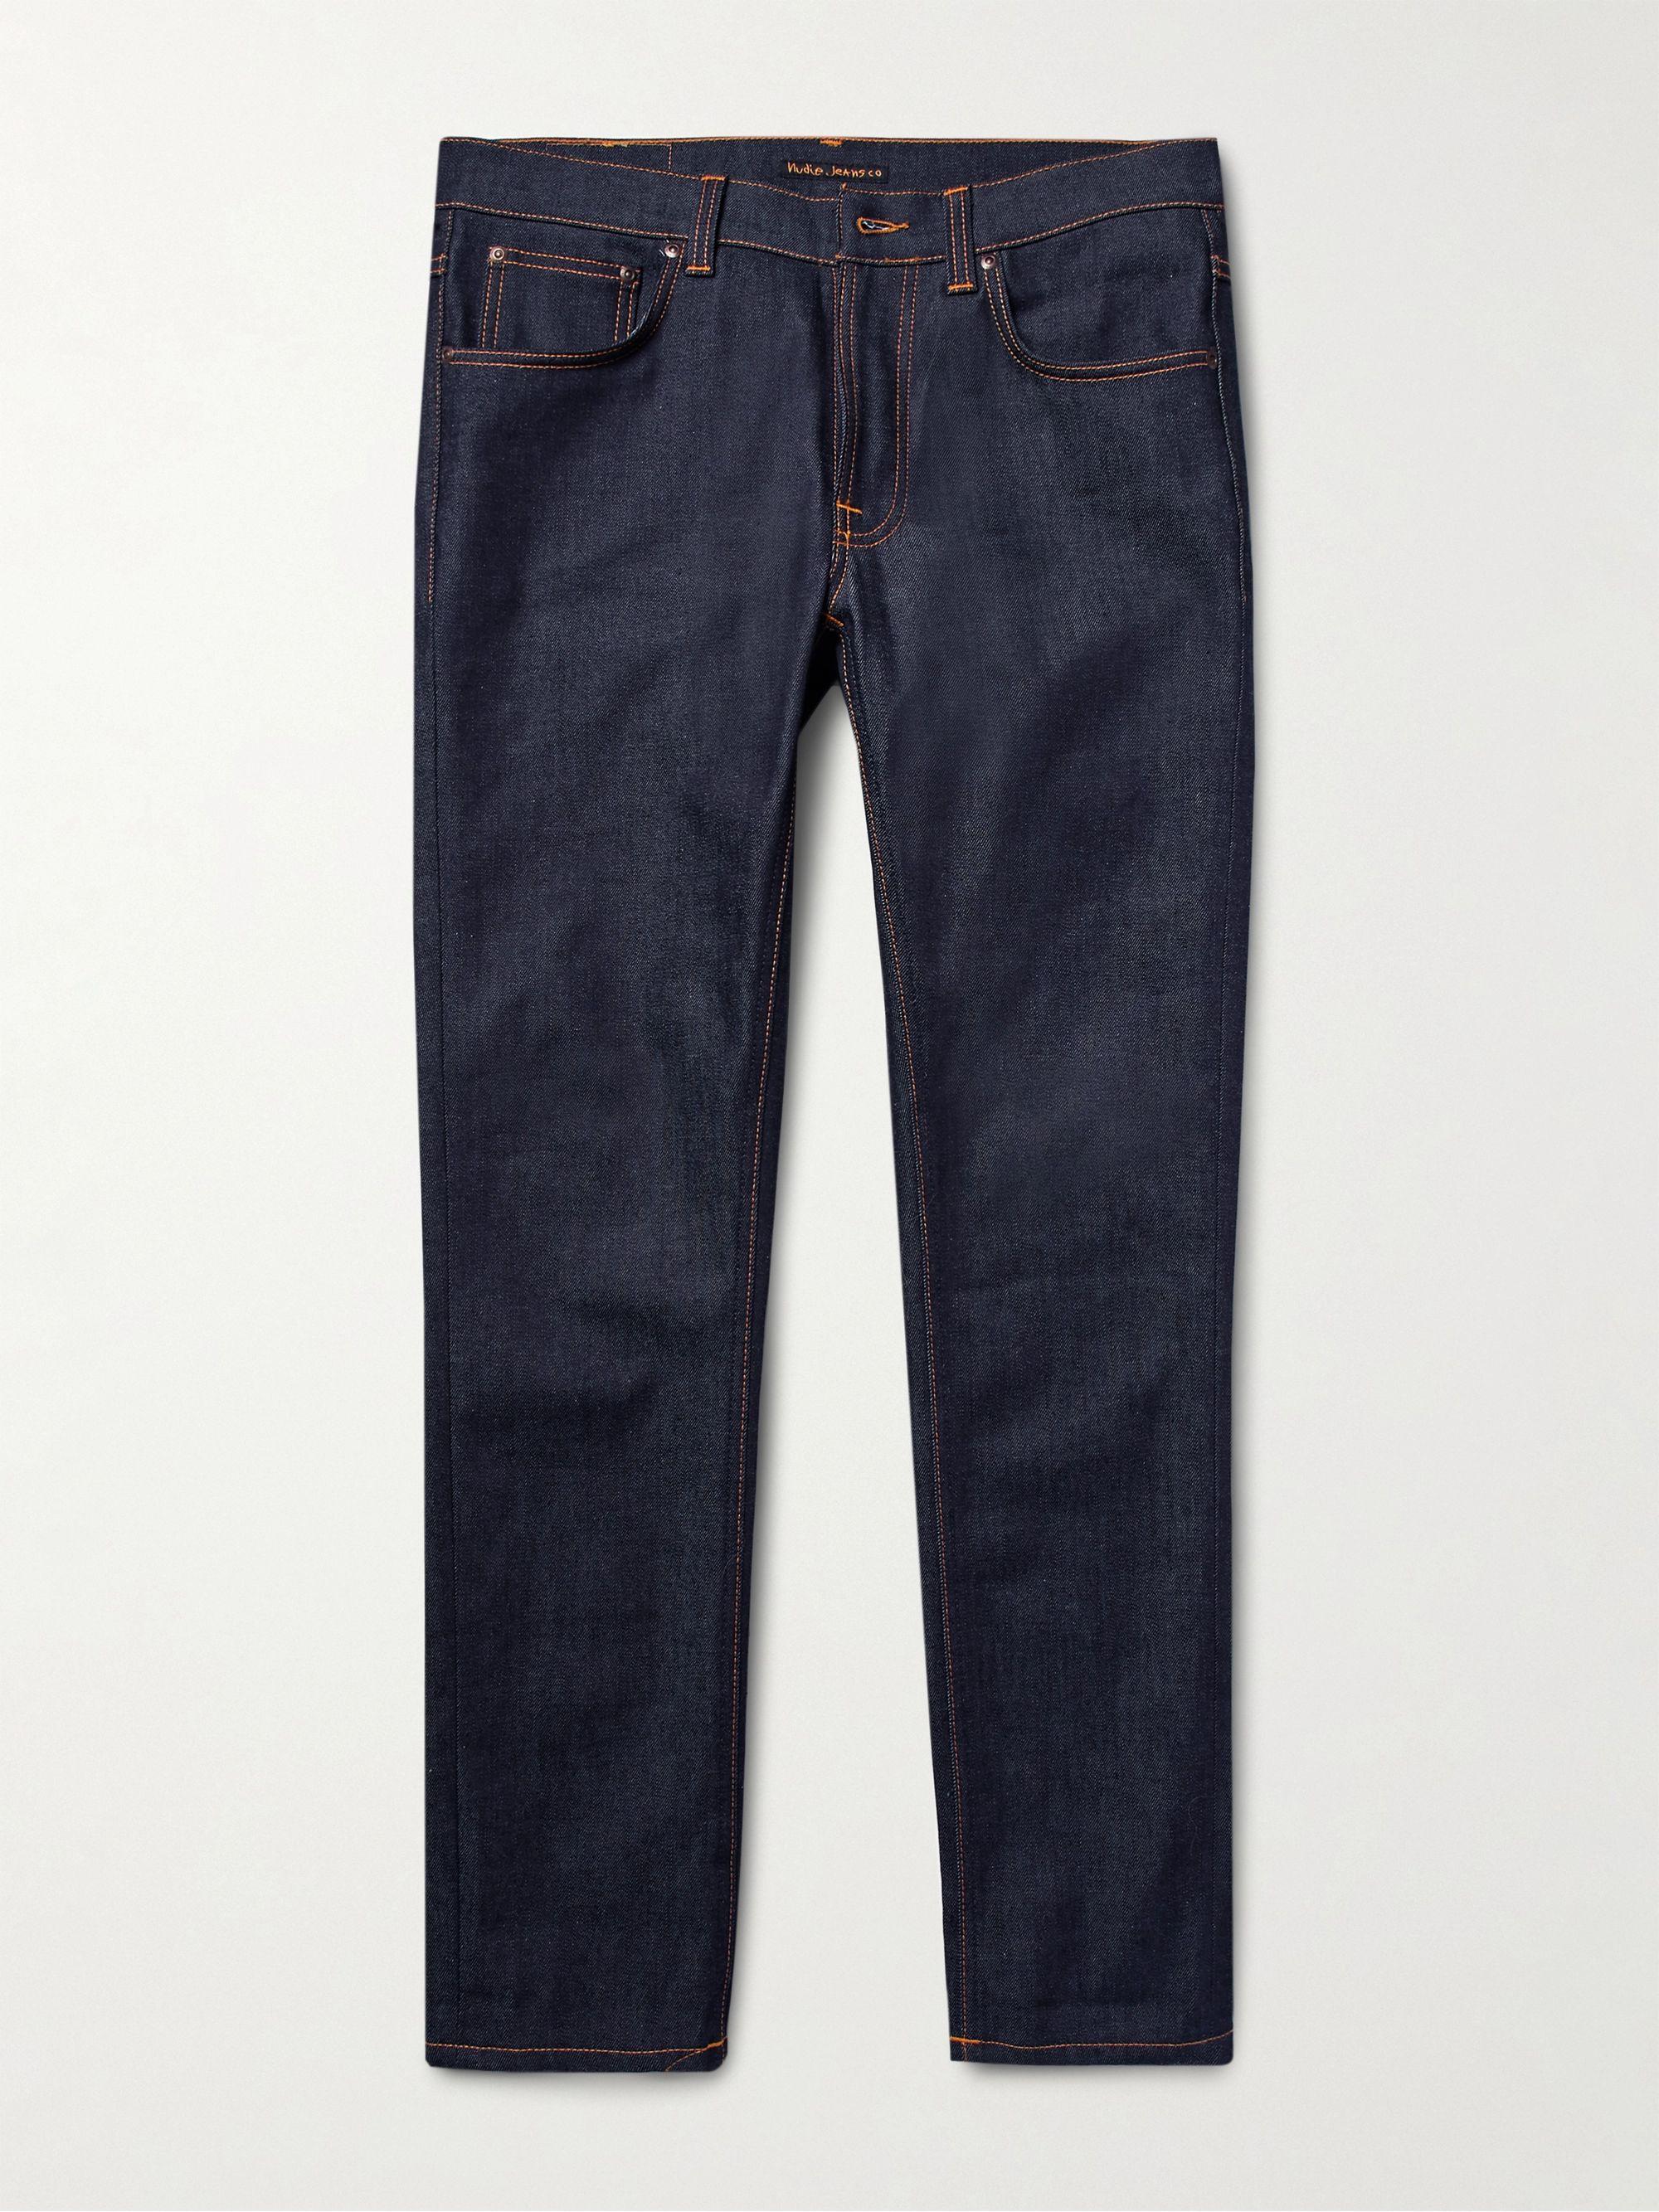 Nudie Jeans Dark denim Lean Dean Slim-Fit Dry Organic Denim Jeans,Dark denim